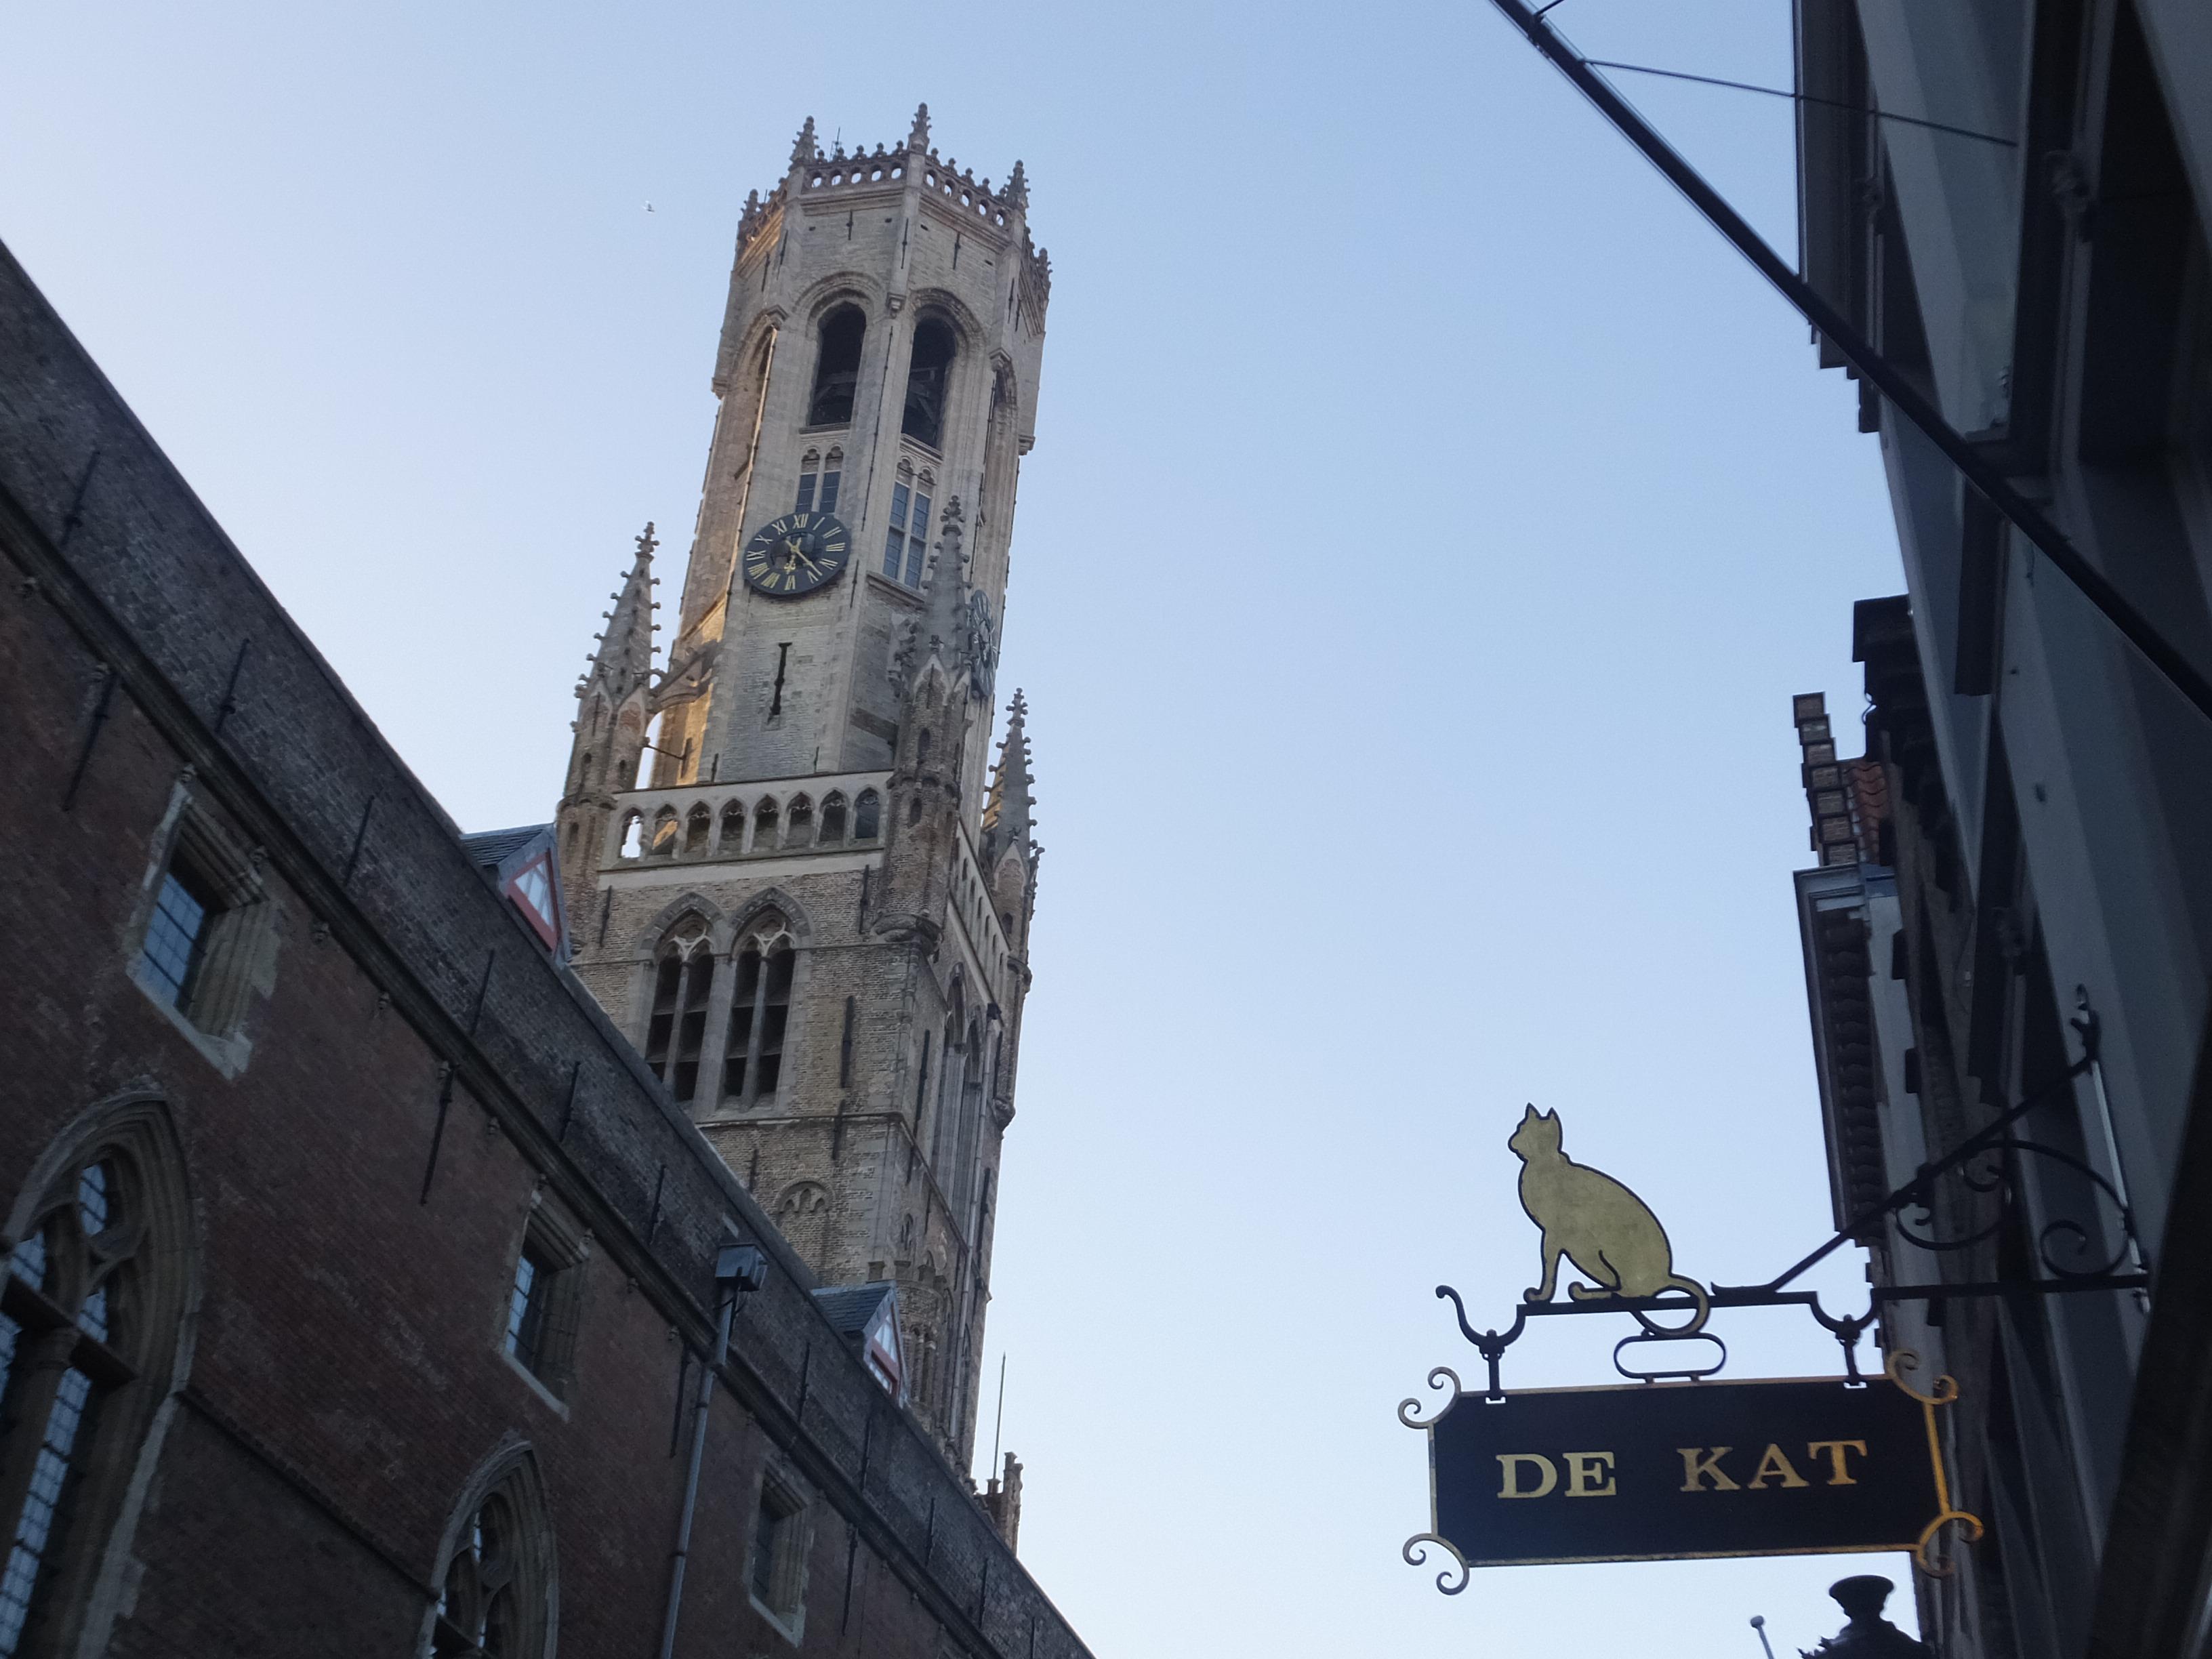 オランダからブルージュへ小旅行③ ブルージュのビール醸造所「De Halve Maan 」